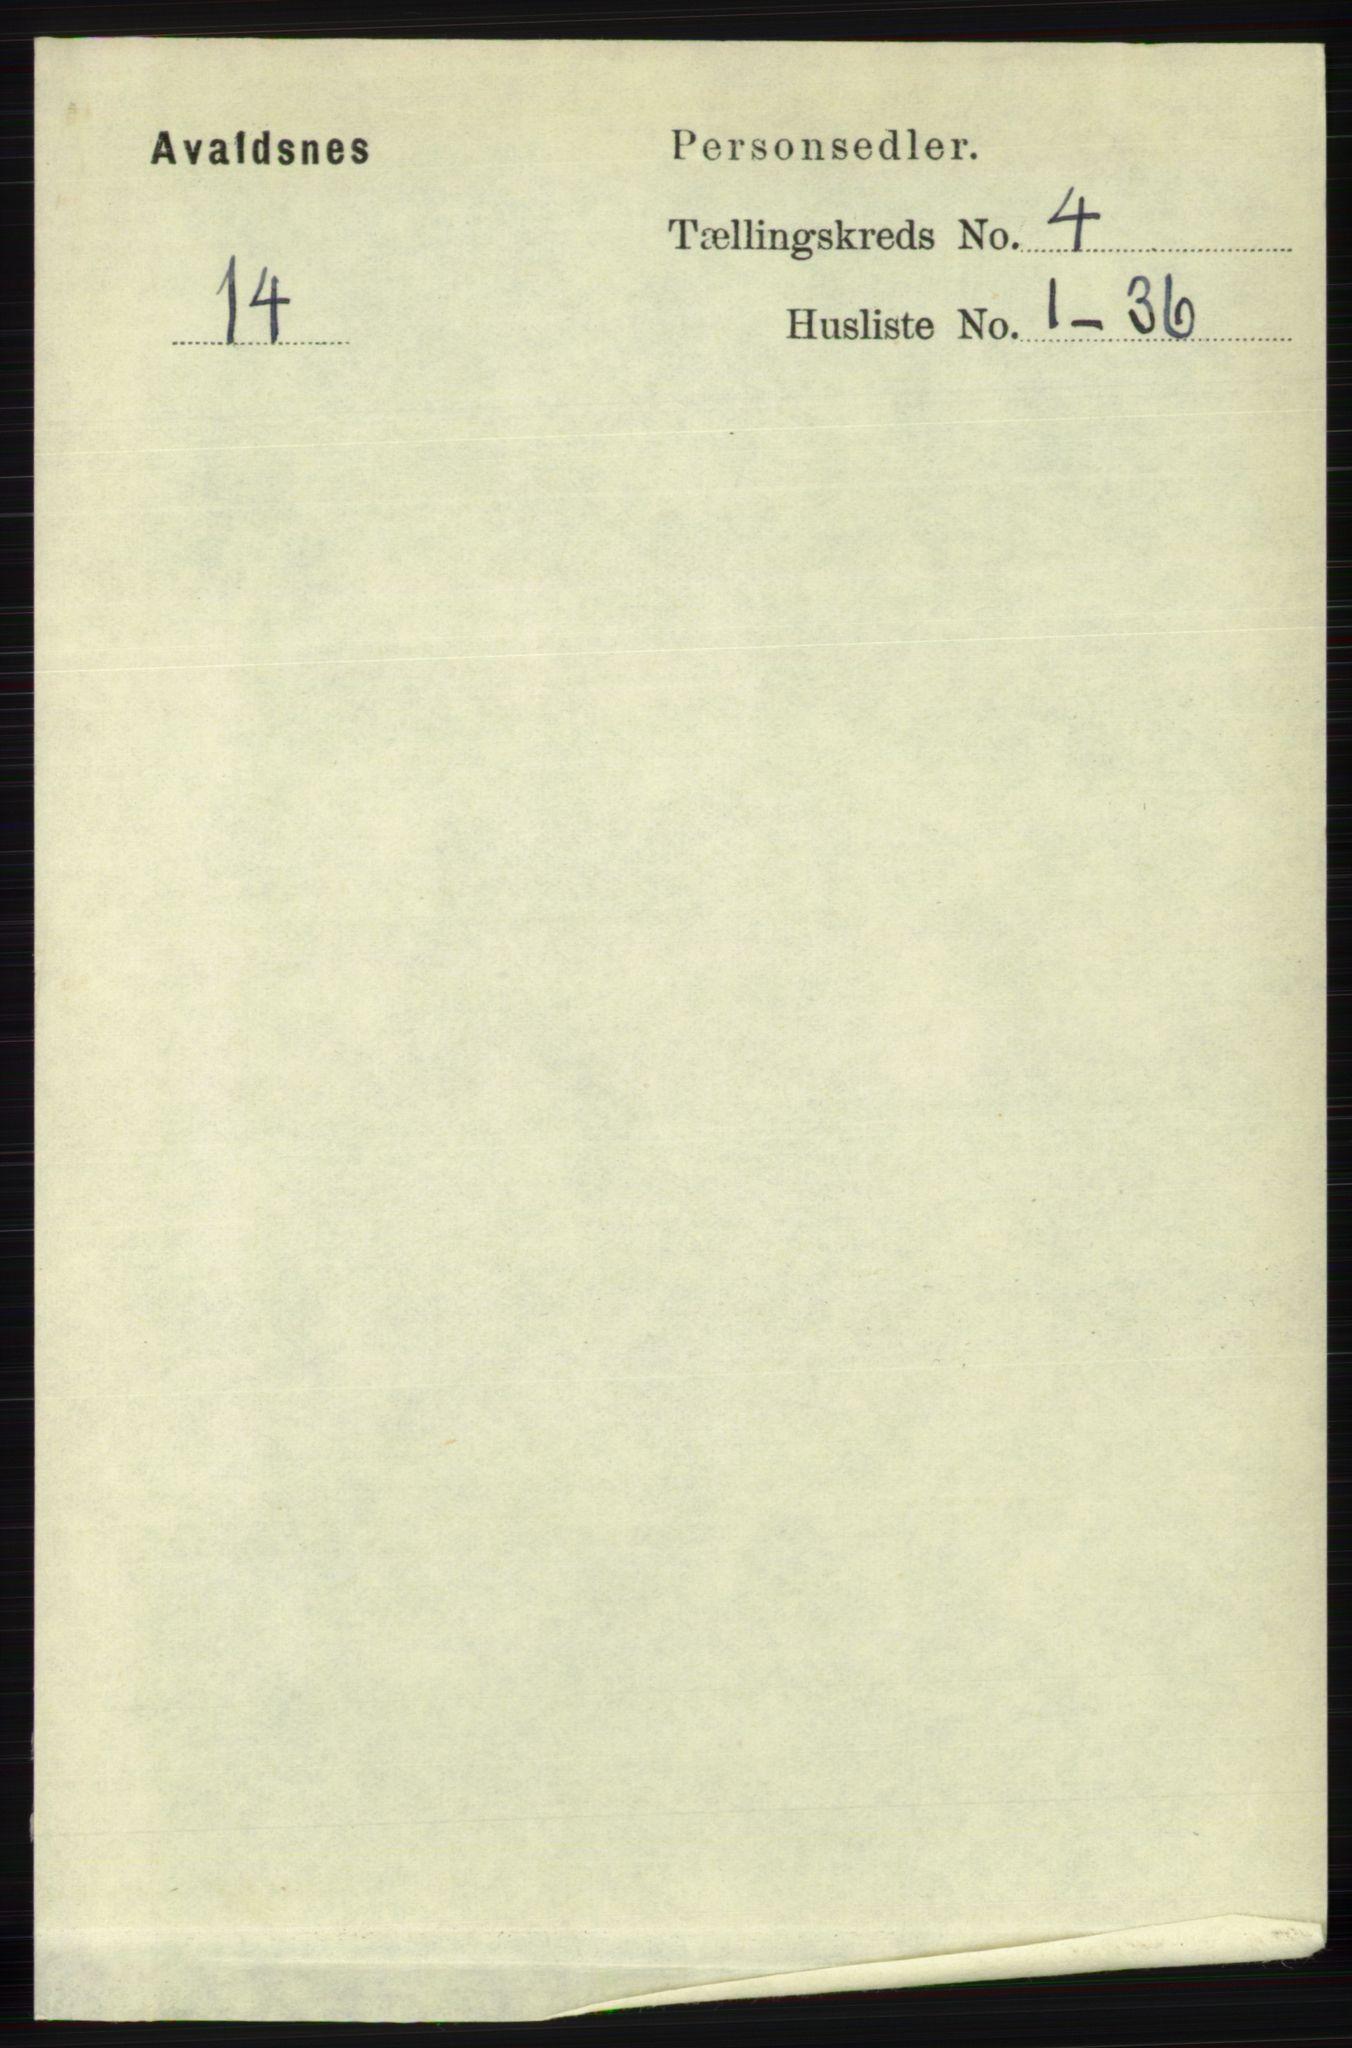 RA, Folketelling 1891 for 1147 Avaldsnes herred, 1891, s. 2823